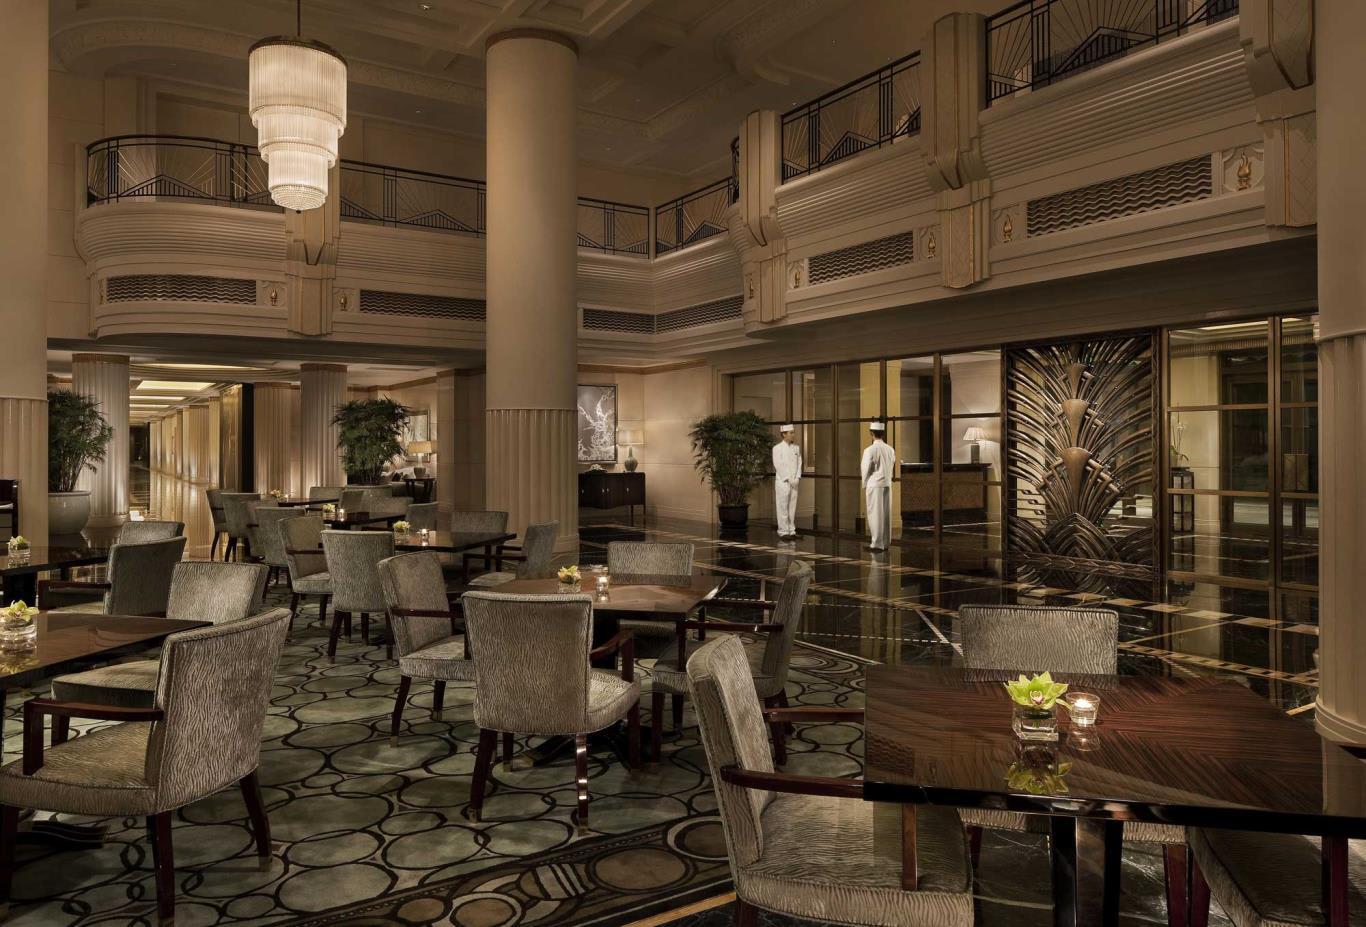 The-lobby-at-night